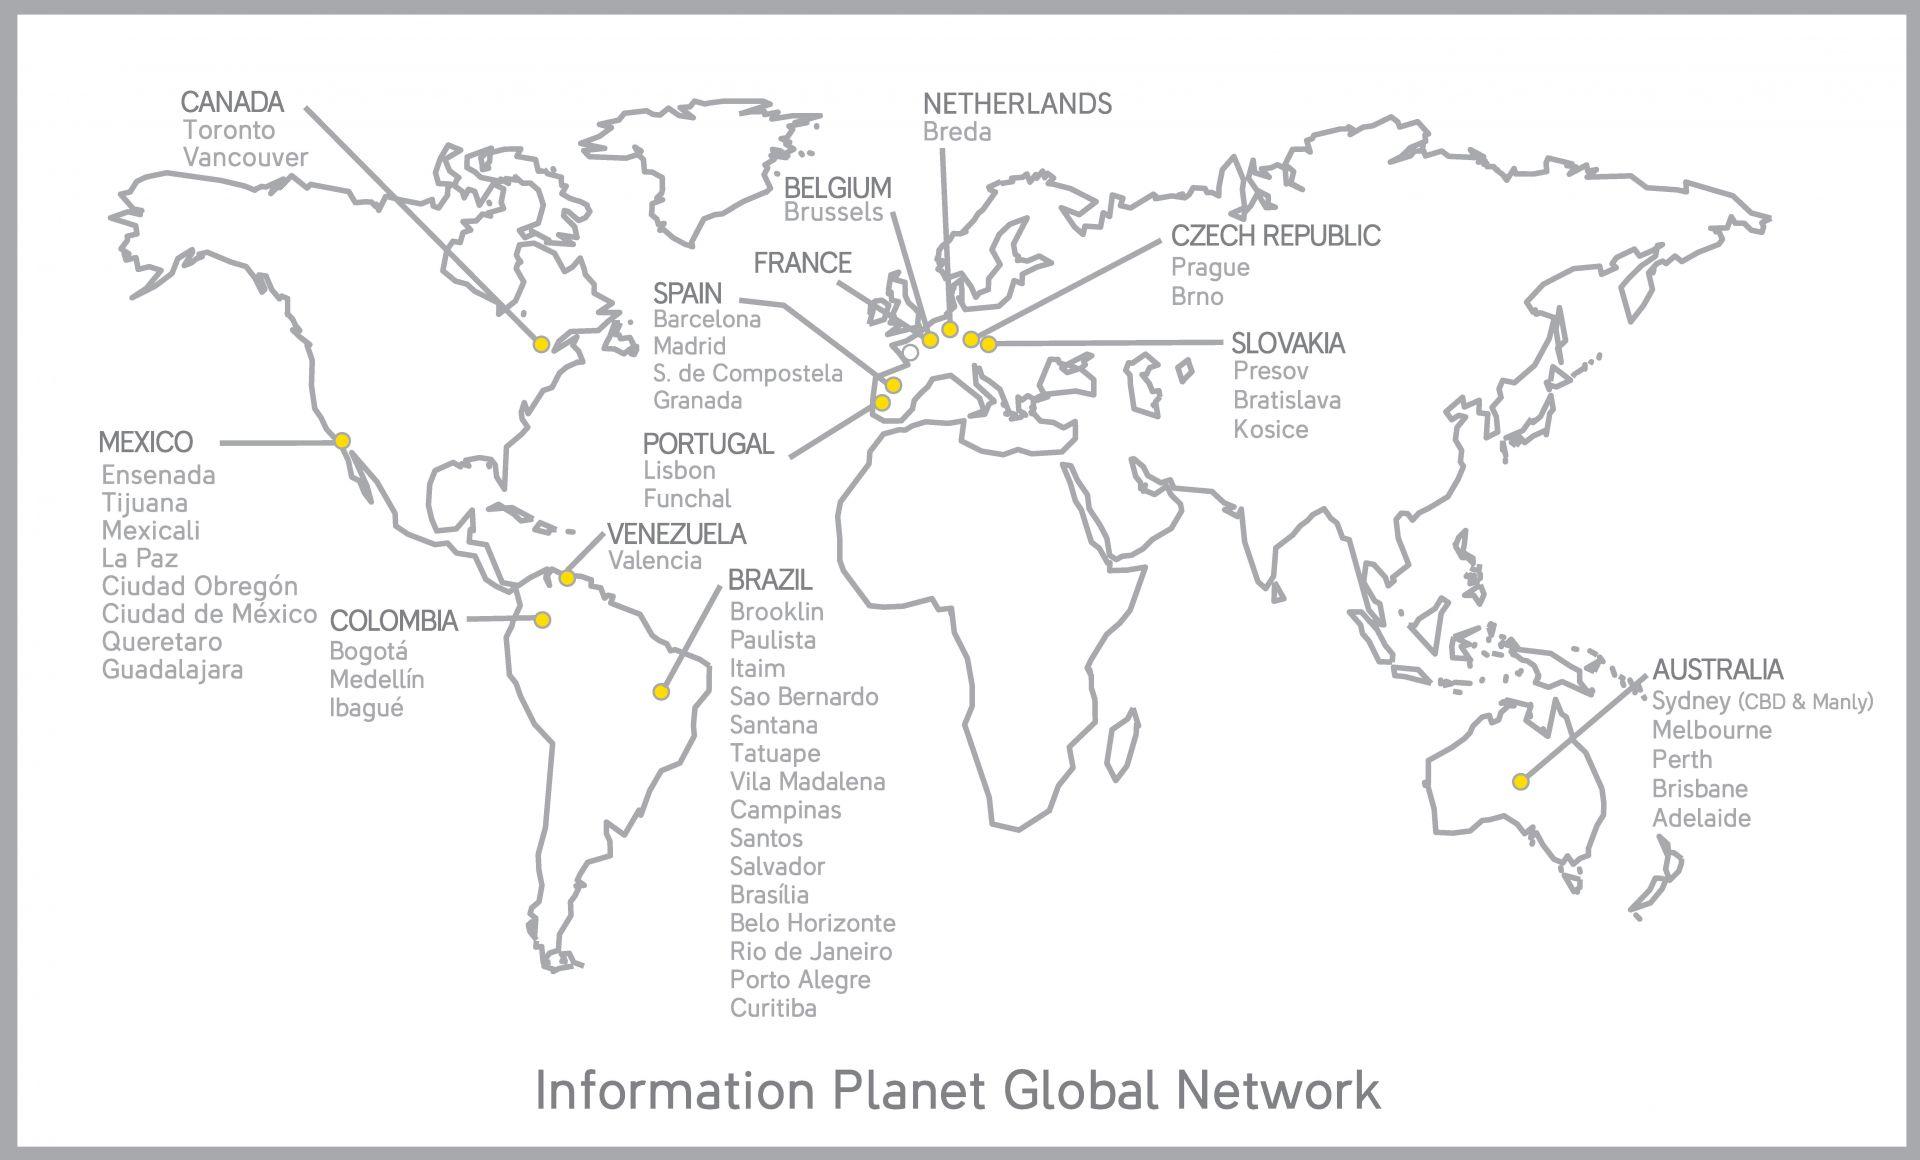 Kancelárie INFORMATION PLANET vo svete